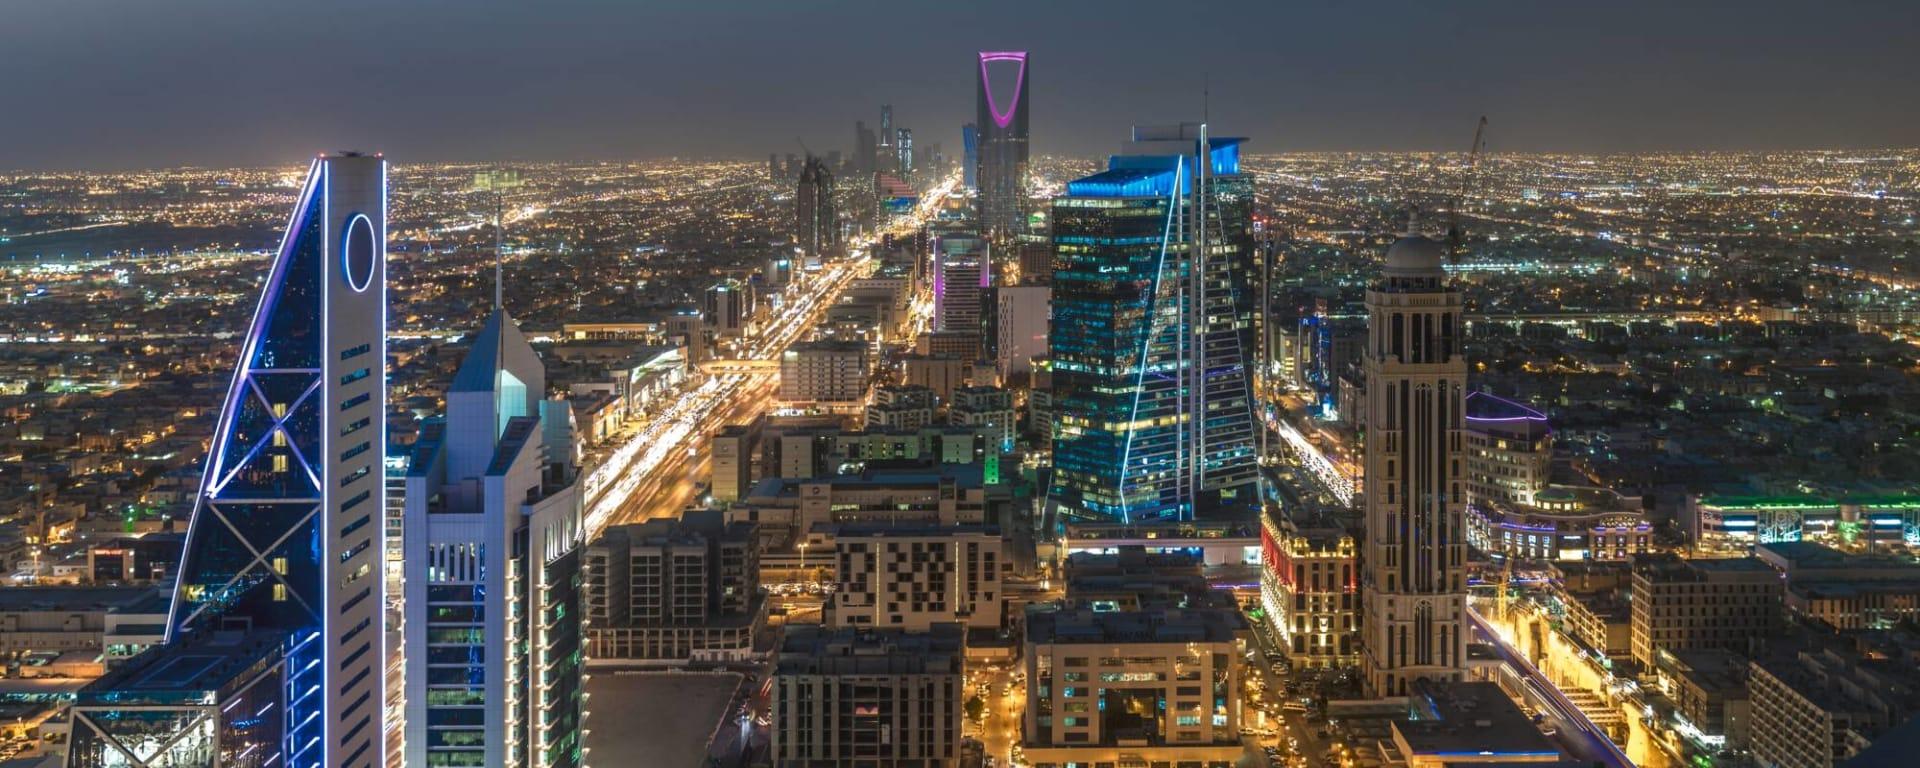 Saudi Arabien entdecken mit Tischler Reisen: Saudi Arabien Riad Skyline bei Nacht